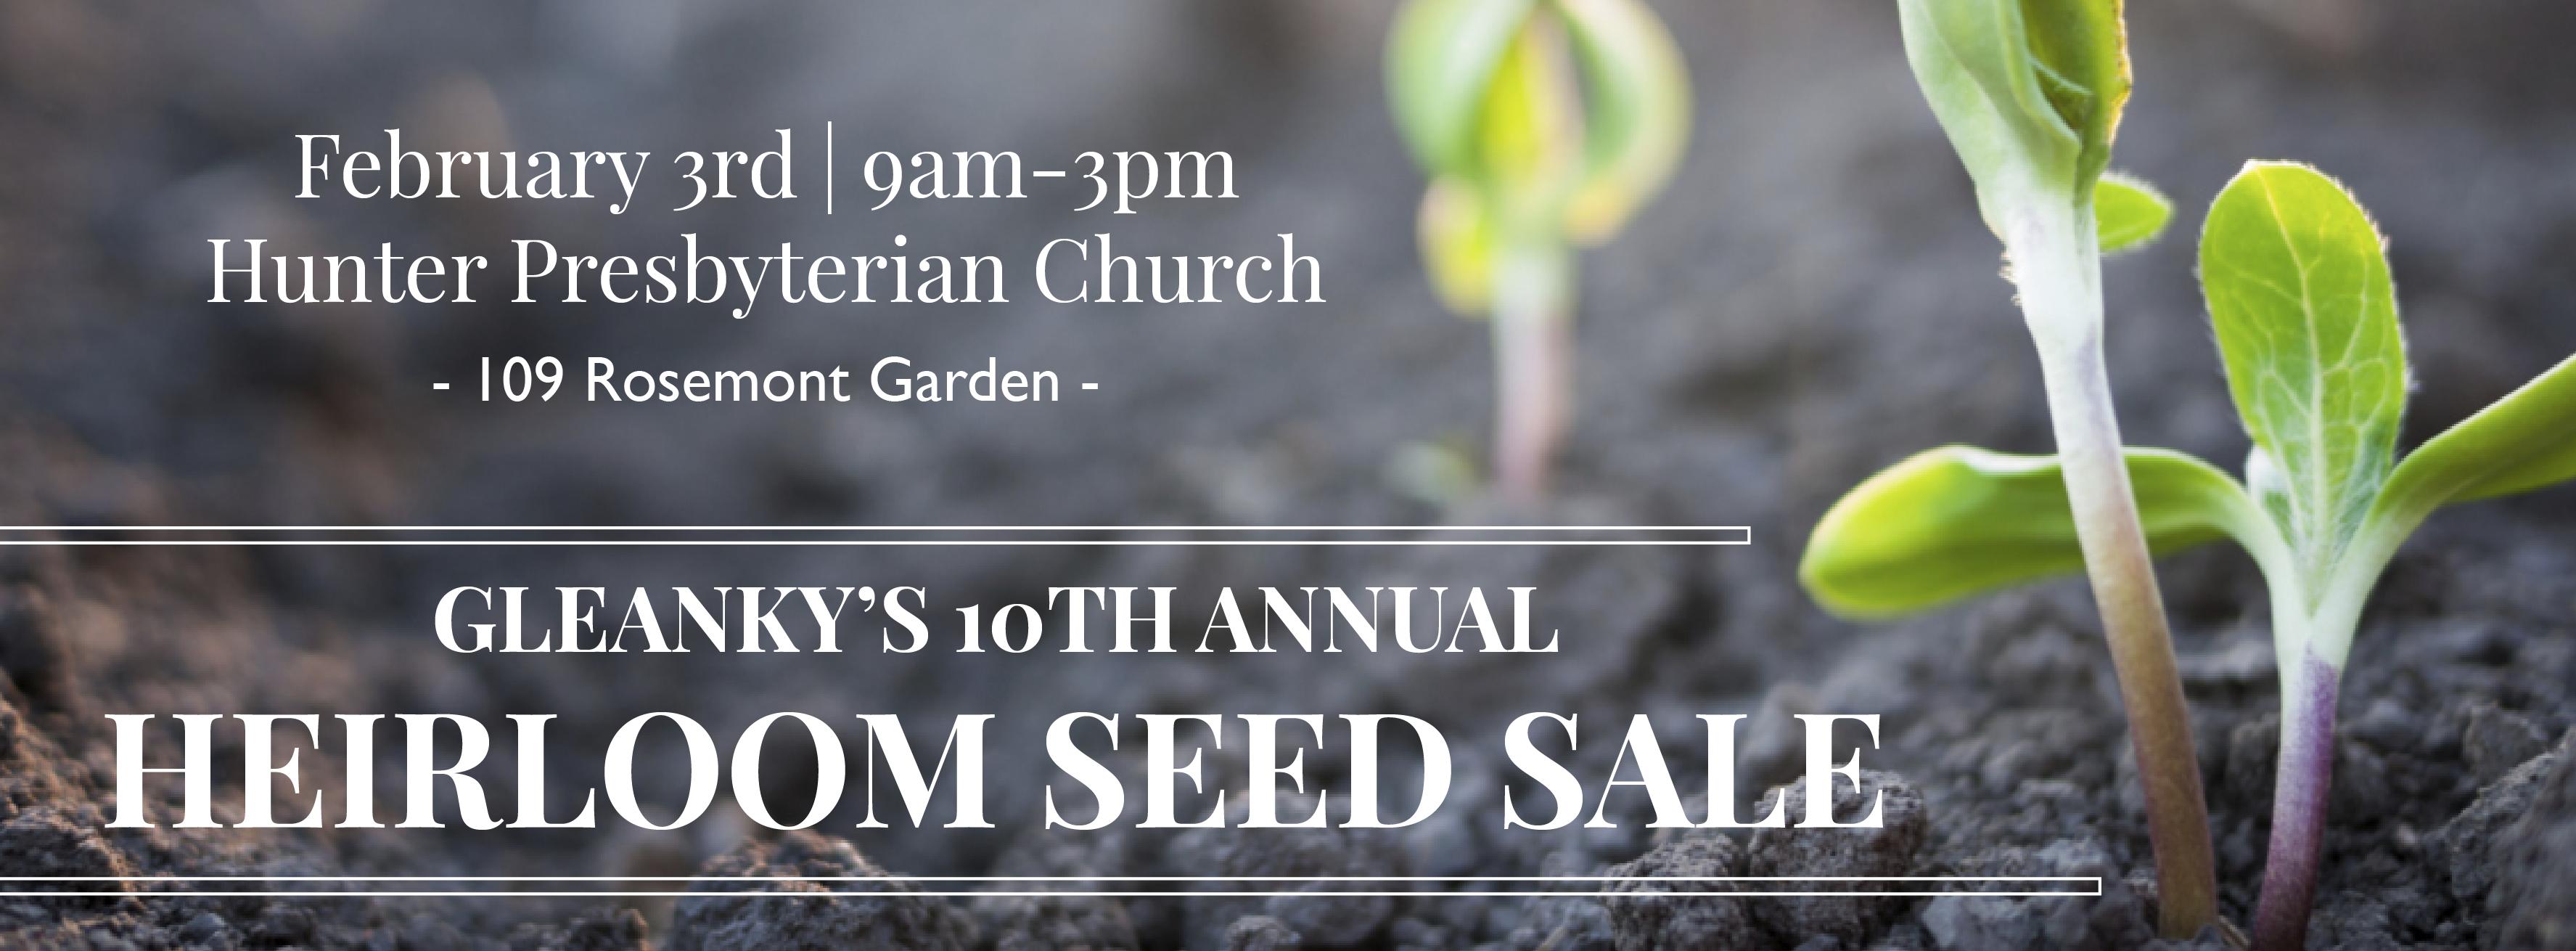 10th Annual Heirloom Seed Sale